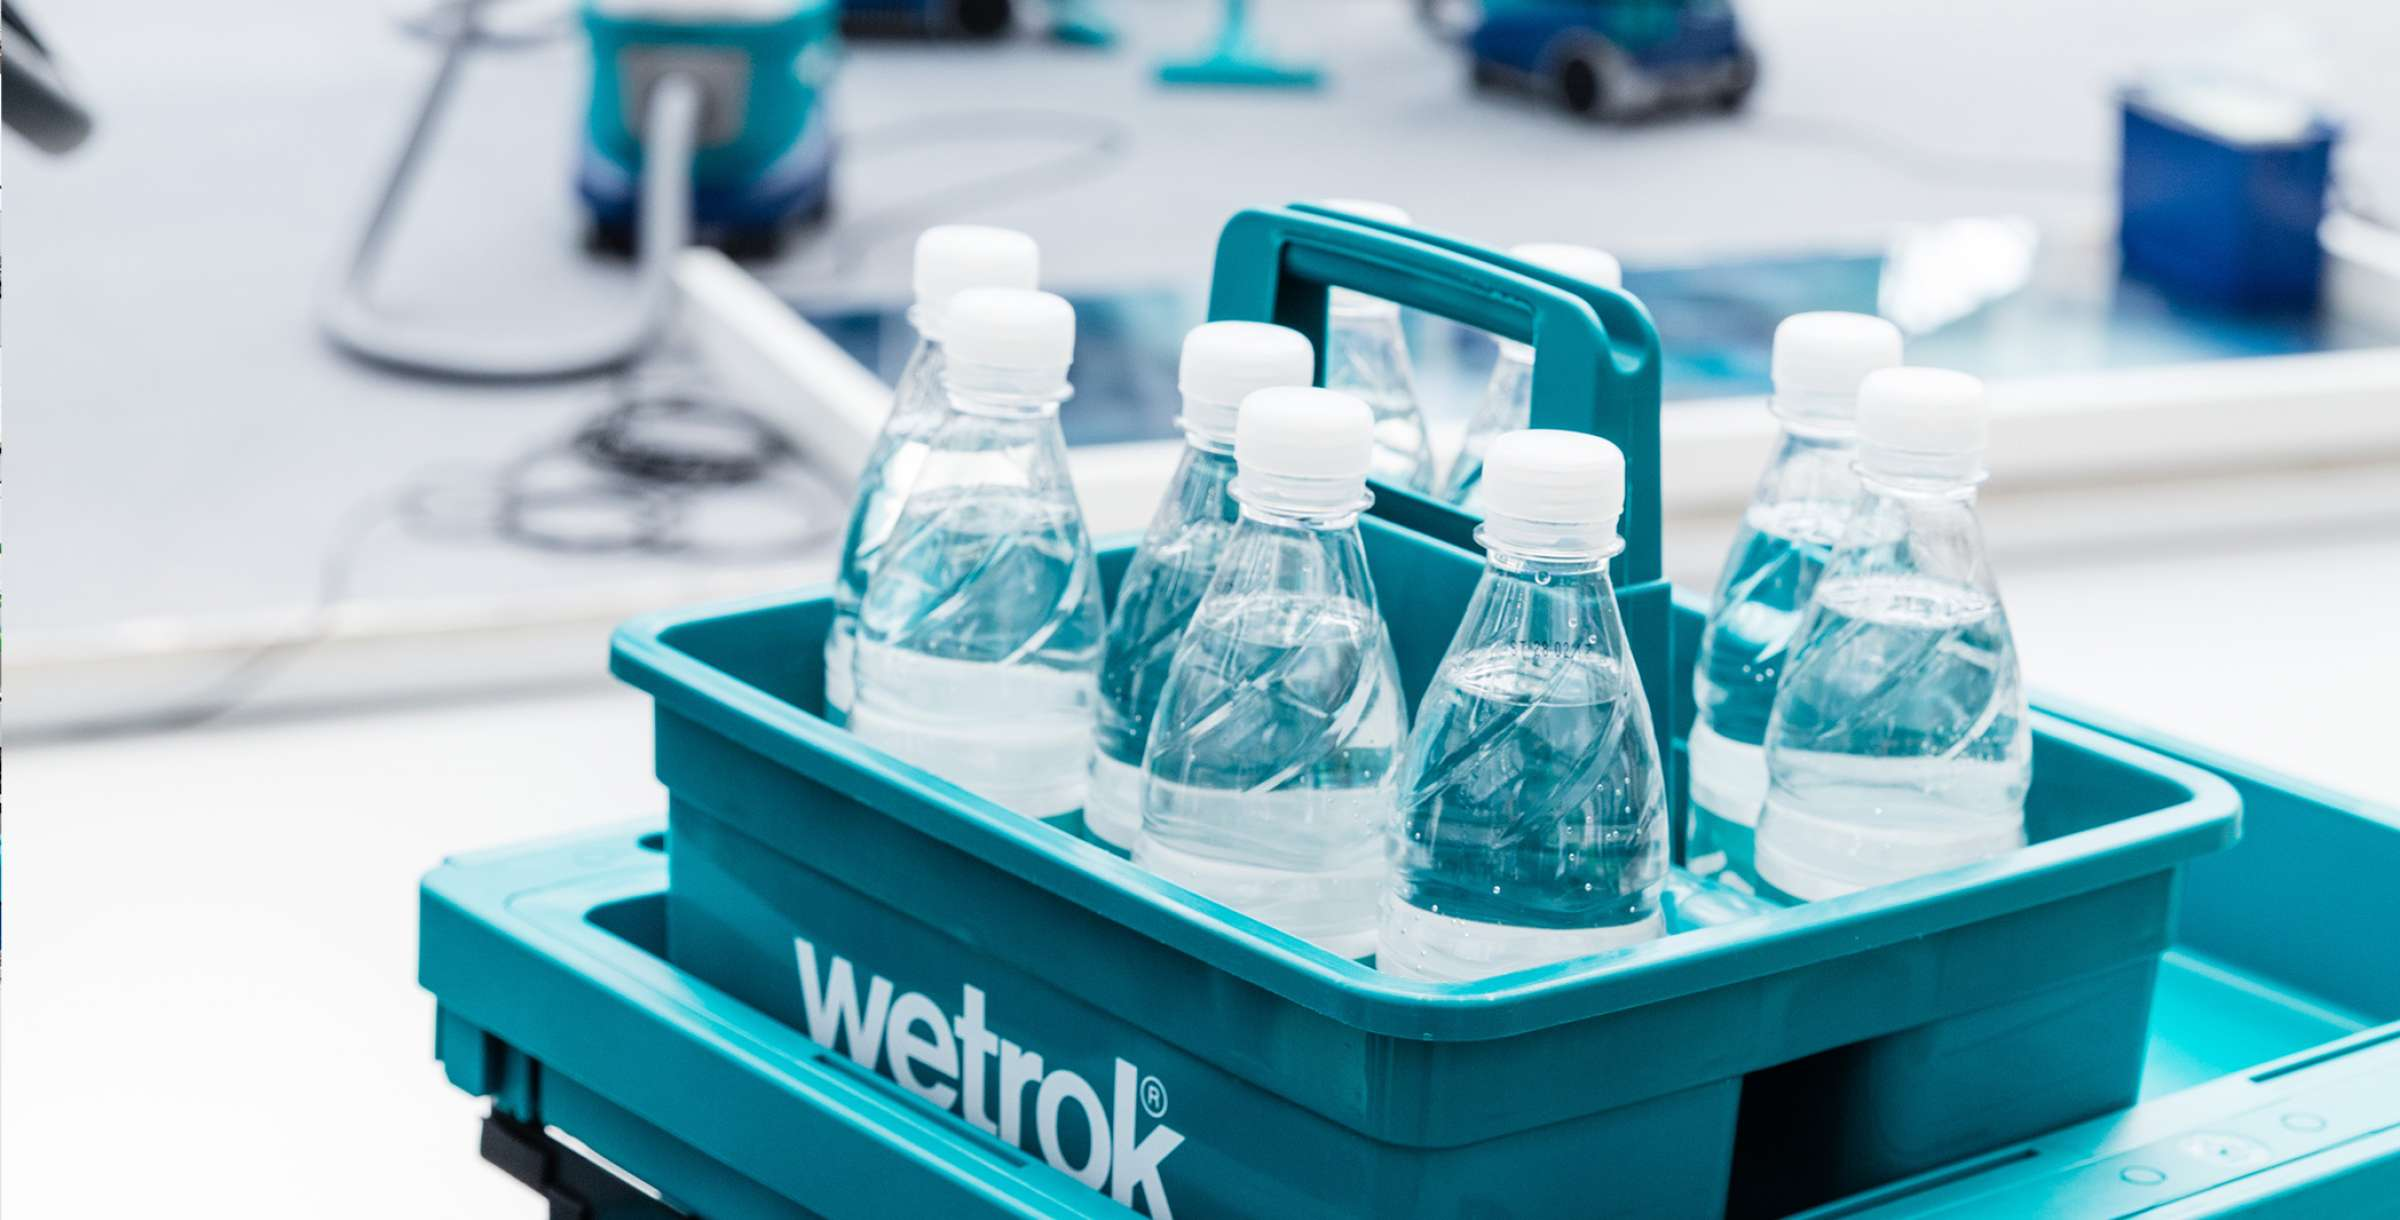 Wetrok AG